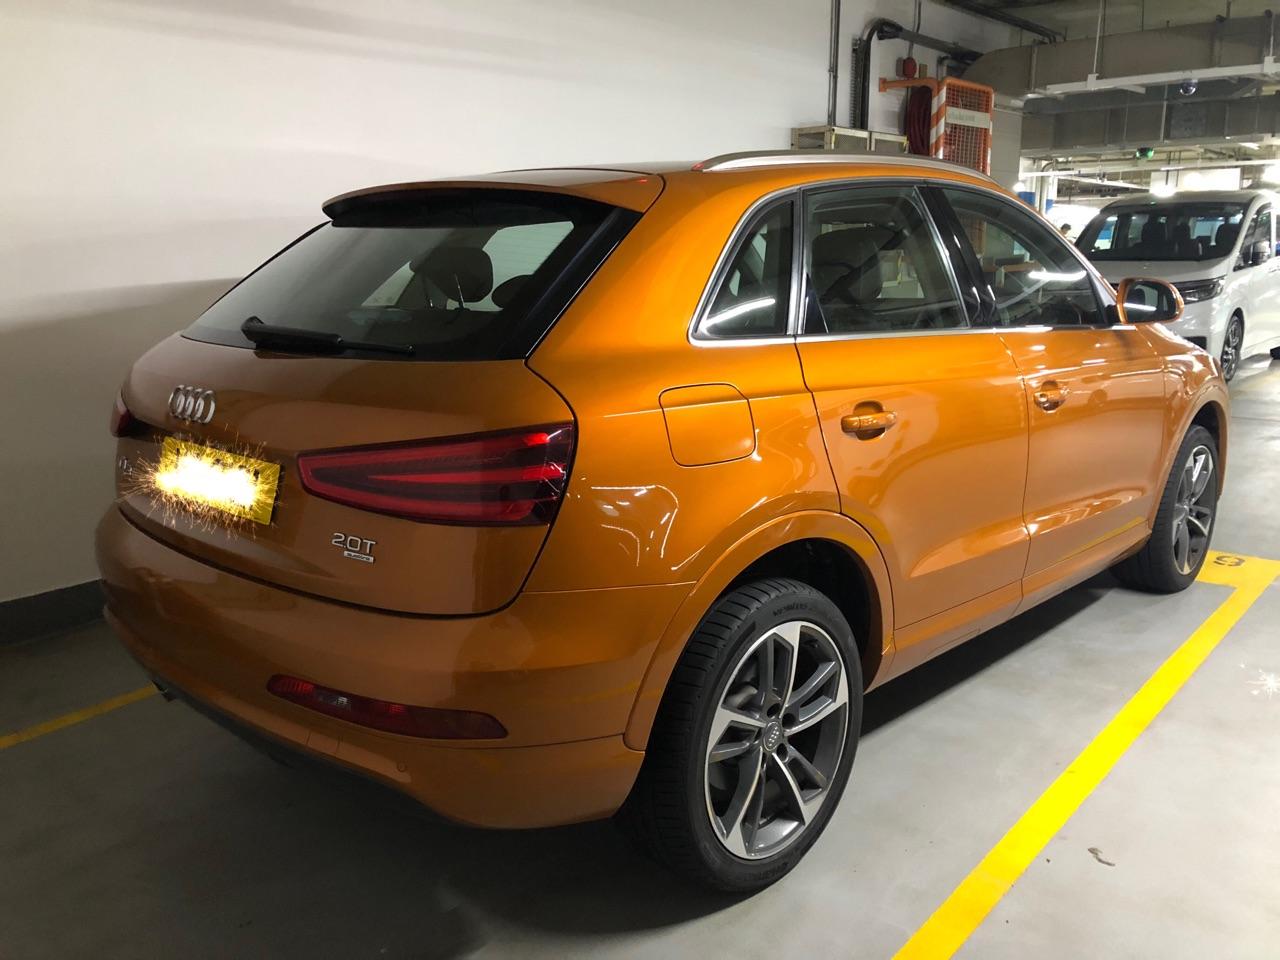 奧迪 Audi Q3 - Price.com.hk 汽車買賣平臺